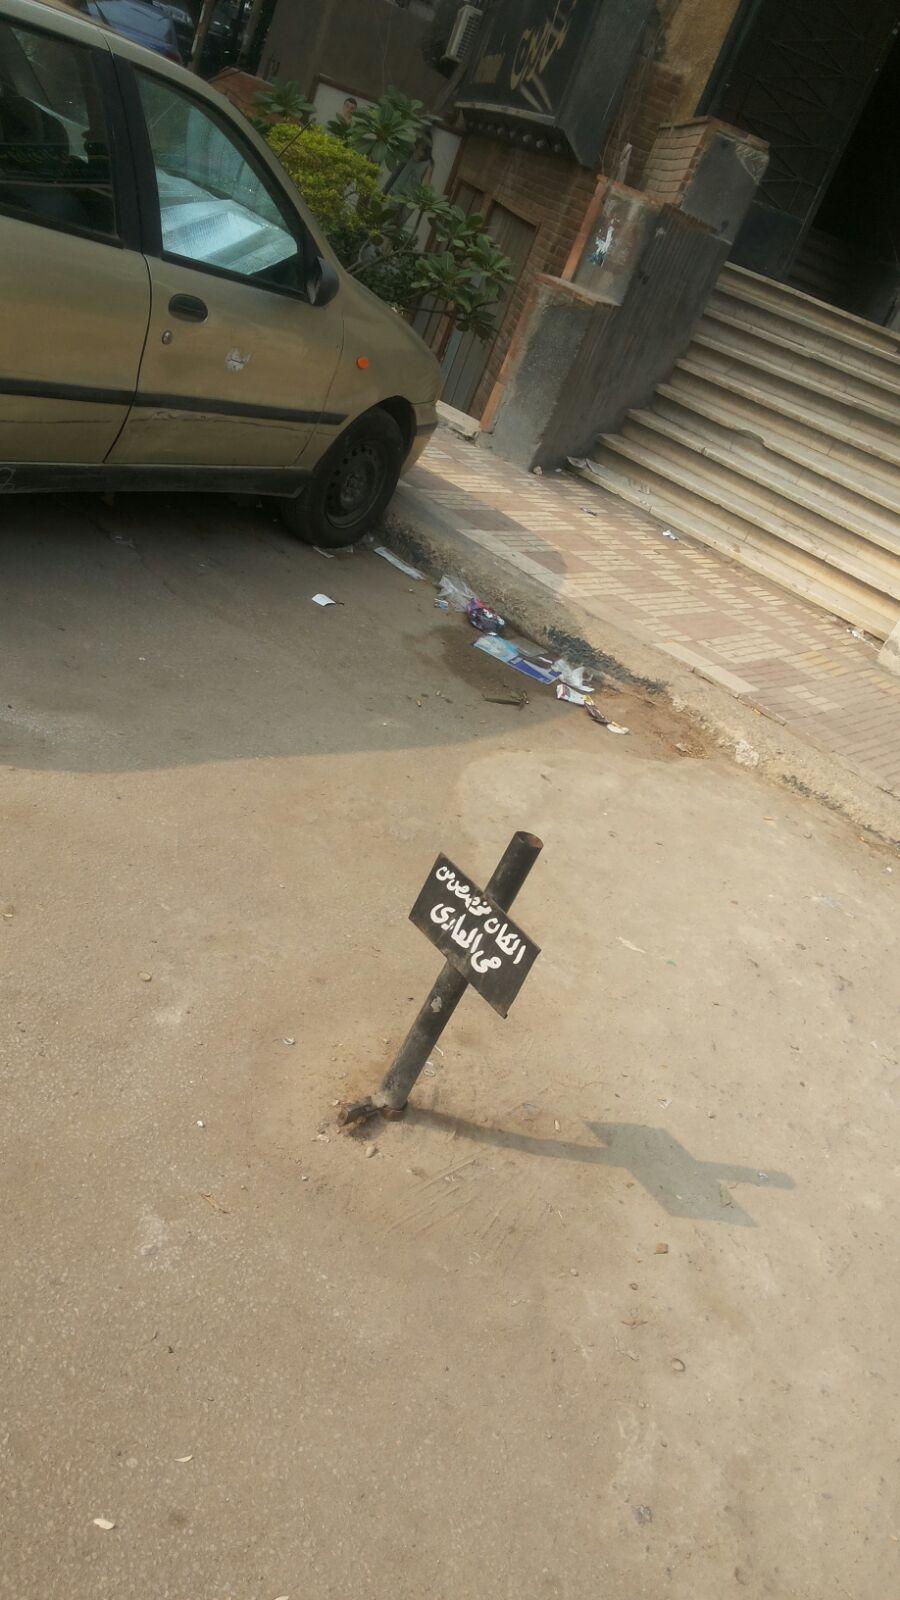 تعديات وقمامة على سور المستشفى العسكري وسط تراخي حي المعادي